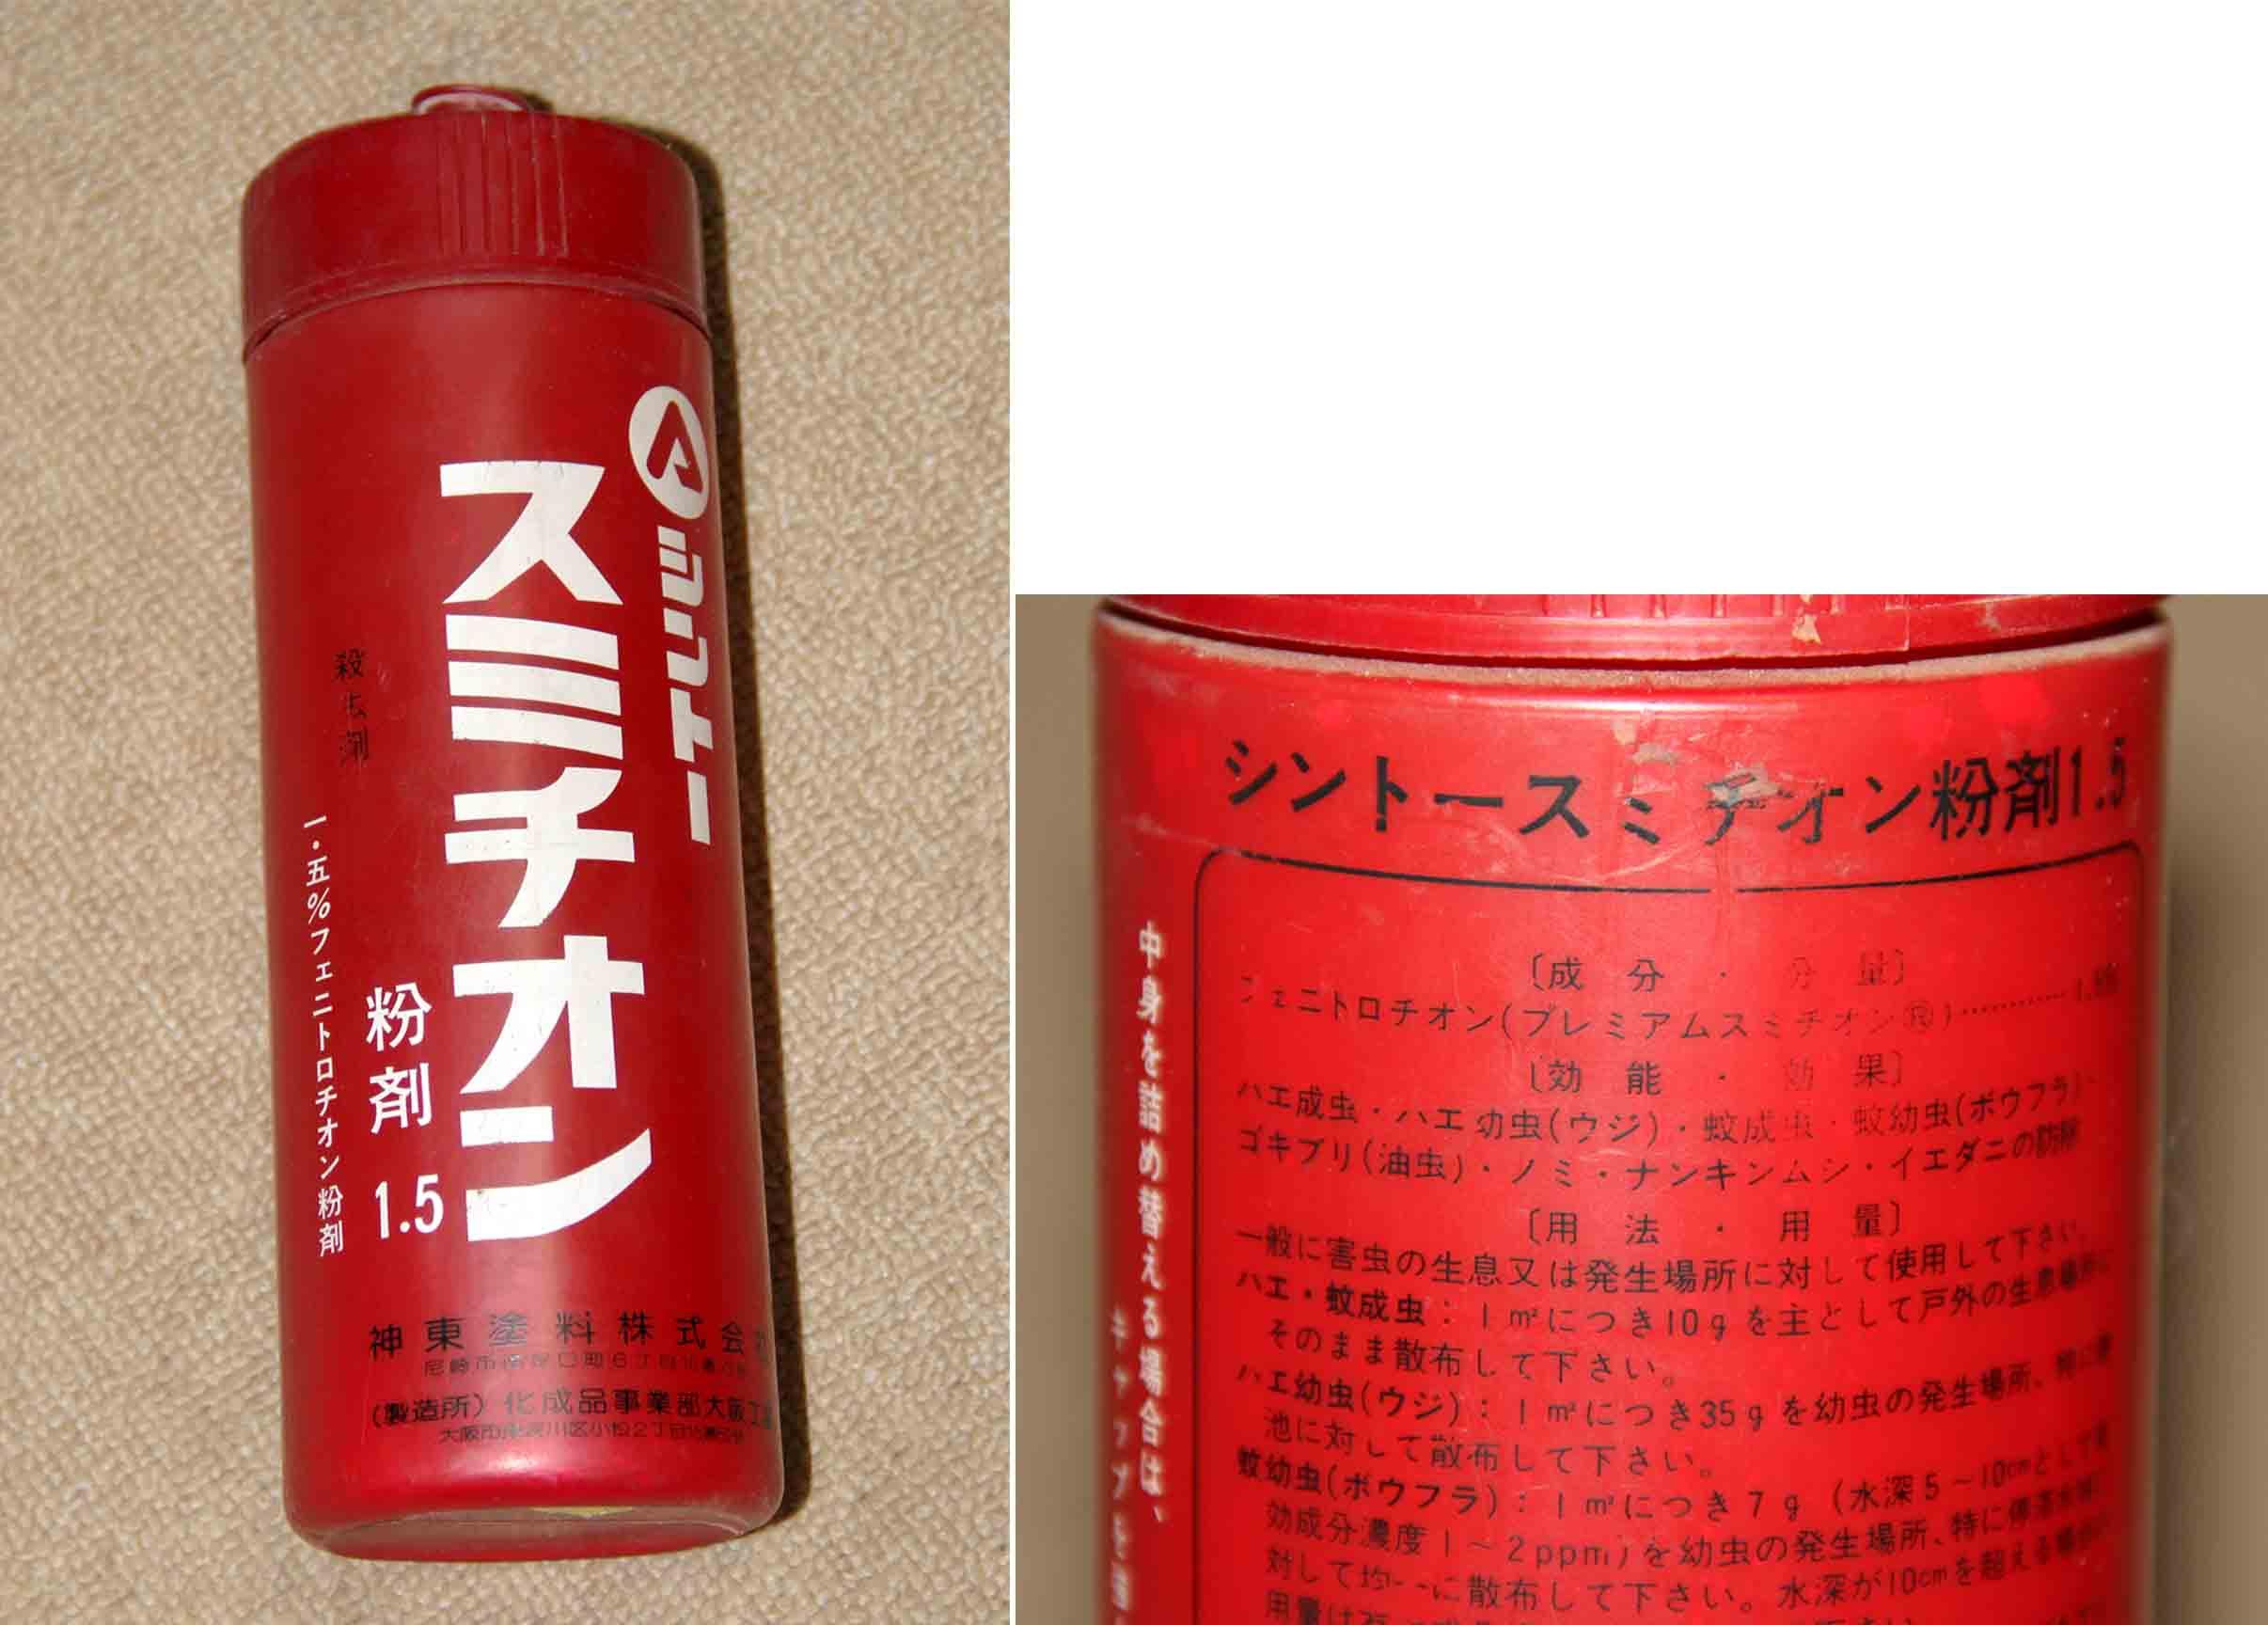 スミチオン粉剤